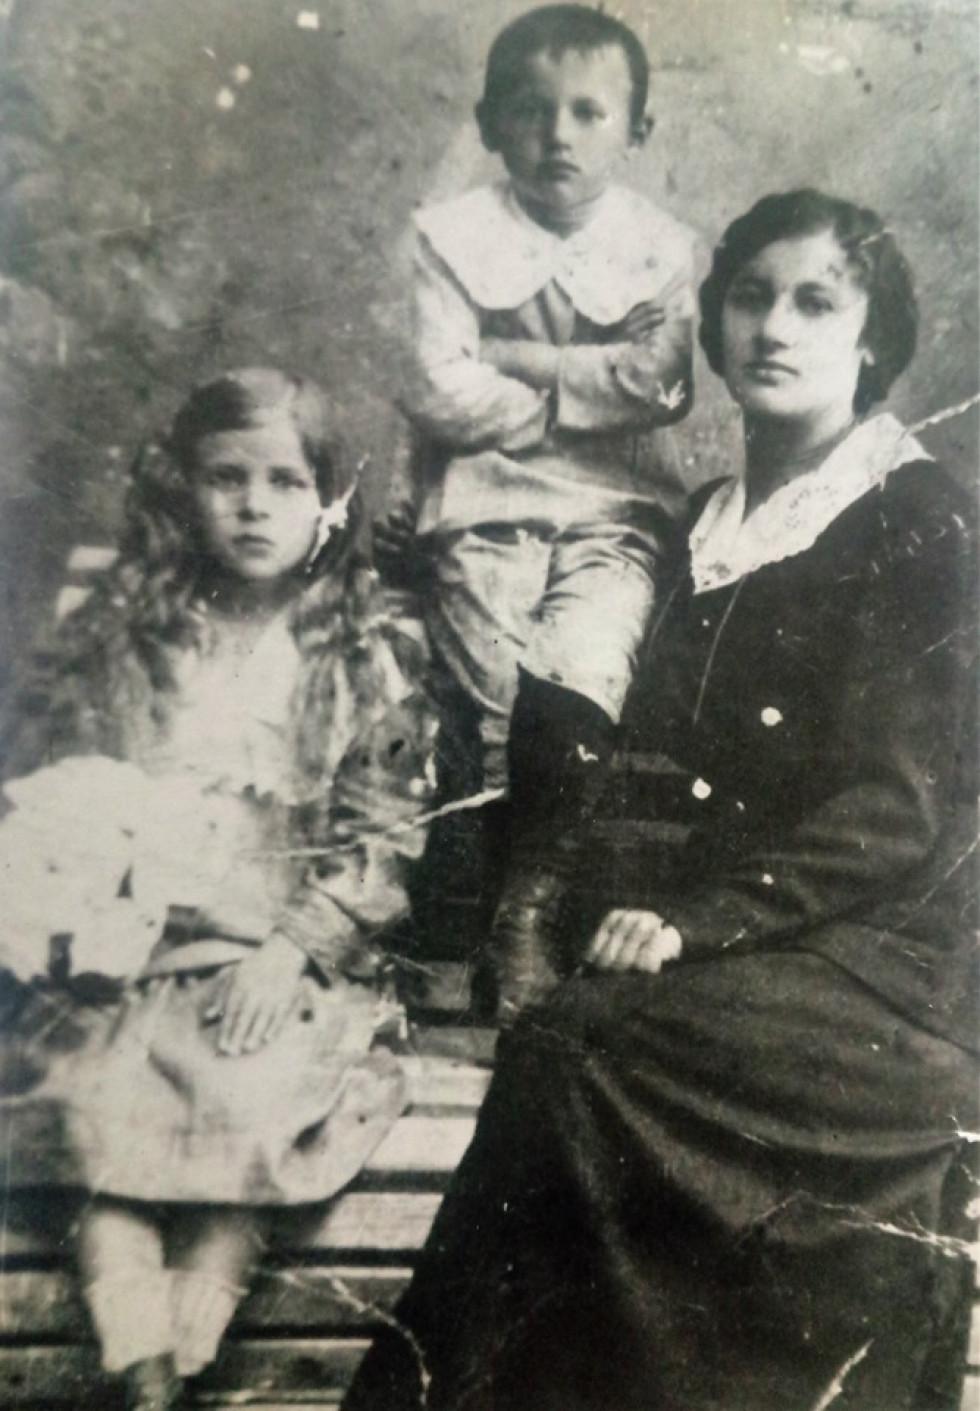 Єрьоміна (згодом Окул) Текля з дітьми